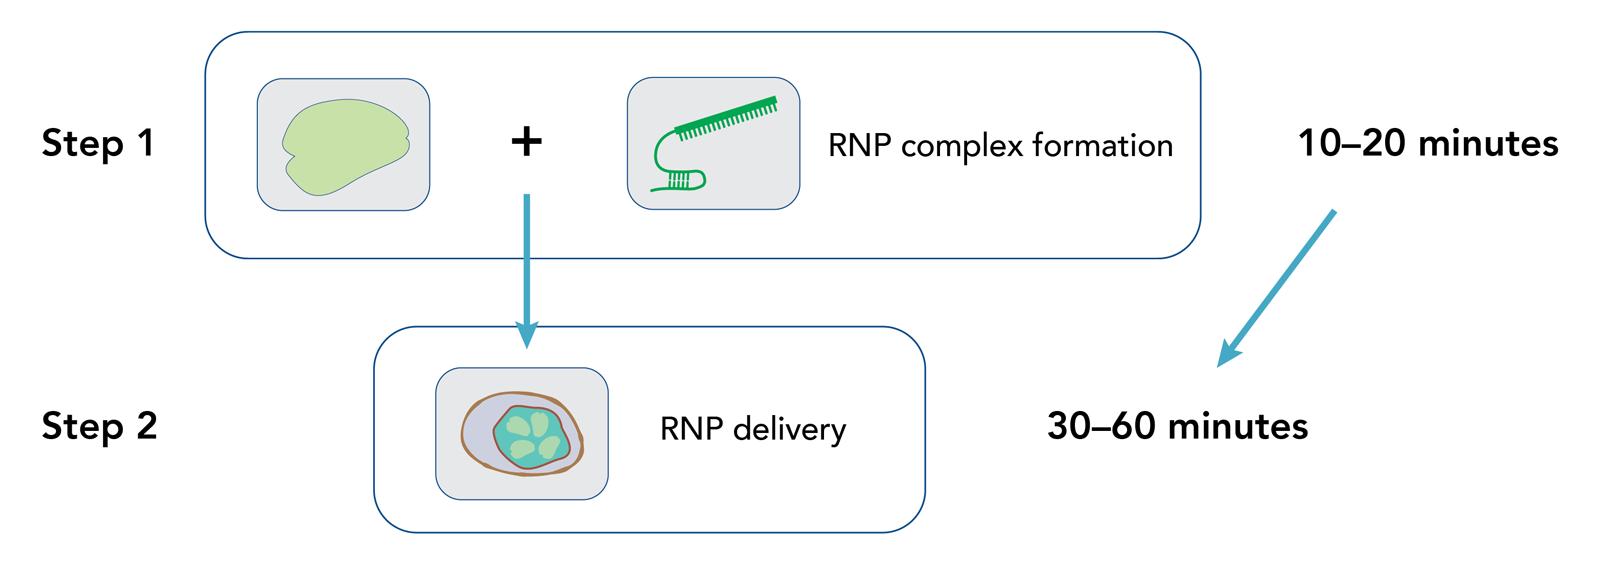 Cas12a(Cpf1) Nuclease